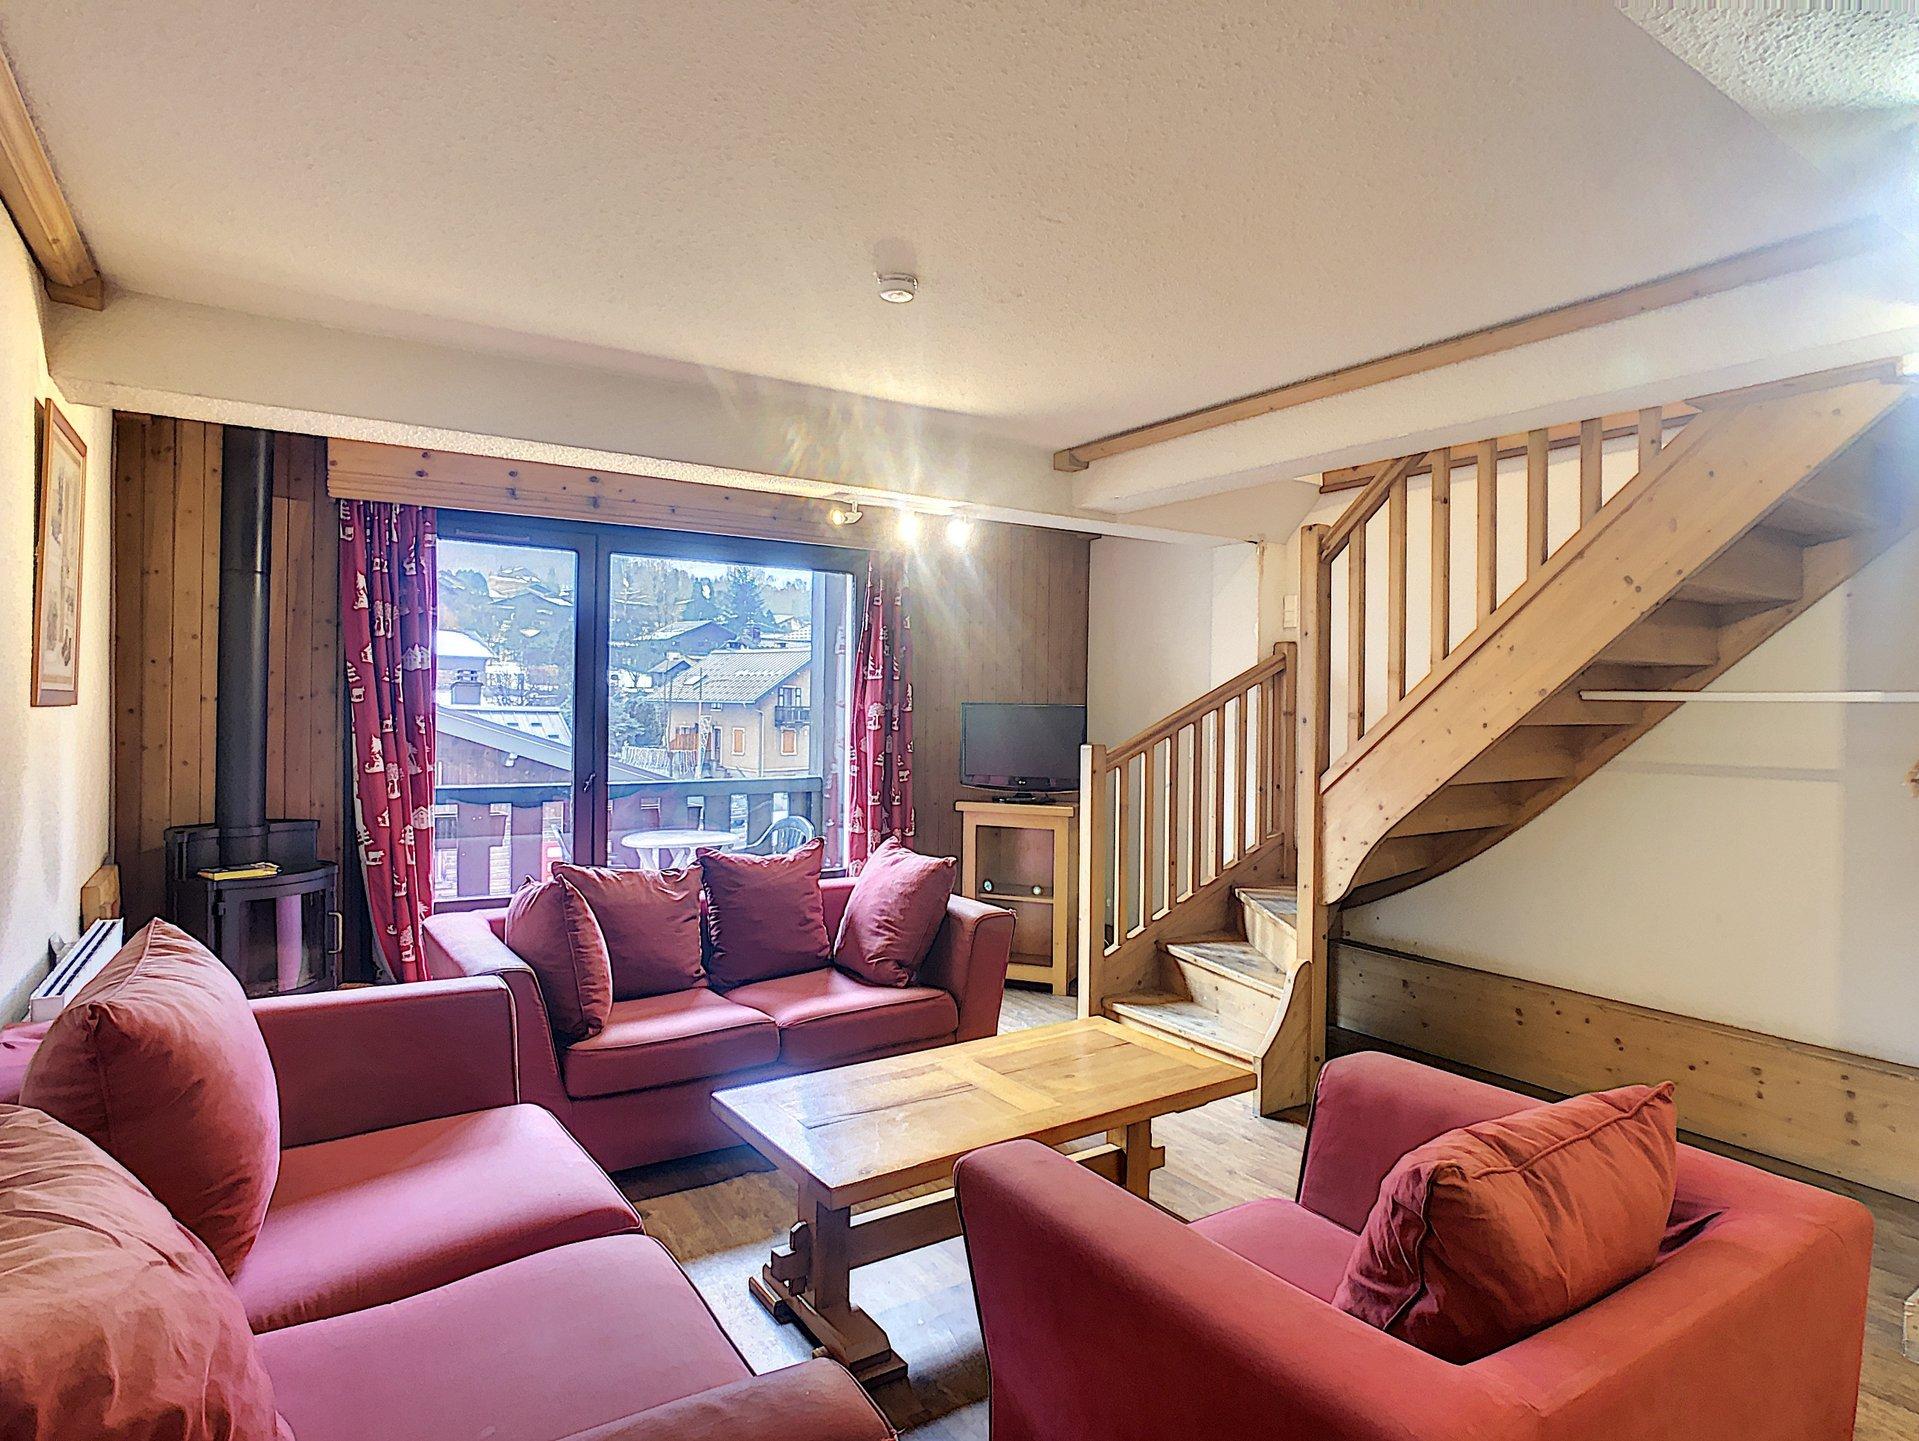 Appartement 4 chambres, Les Houches Saint-Antoine